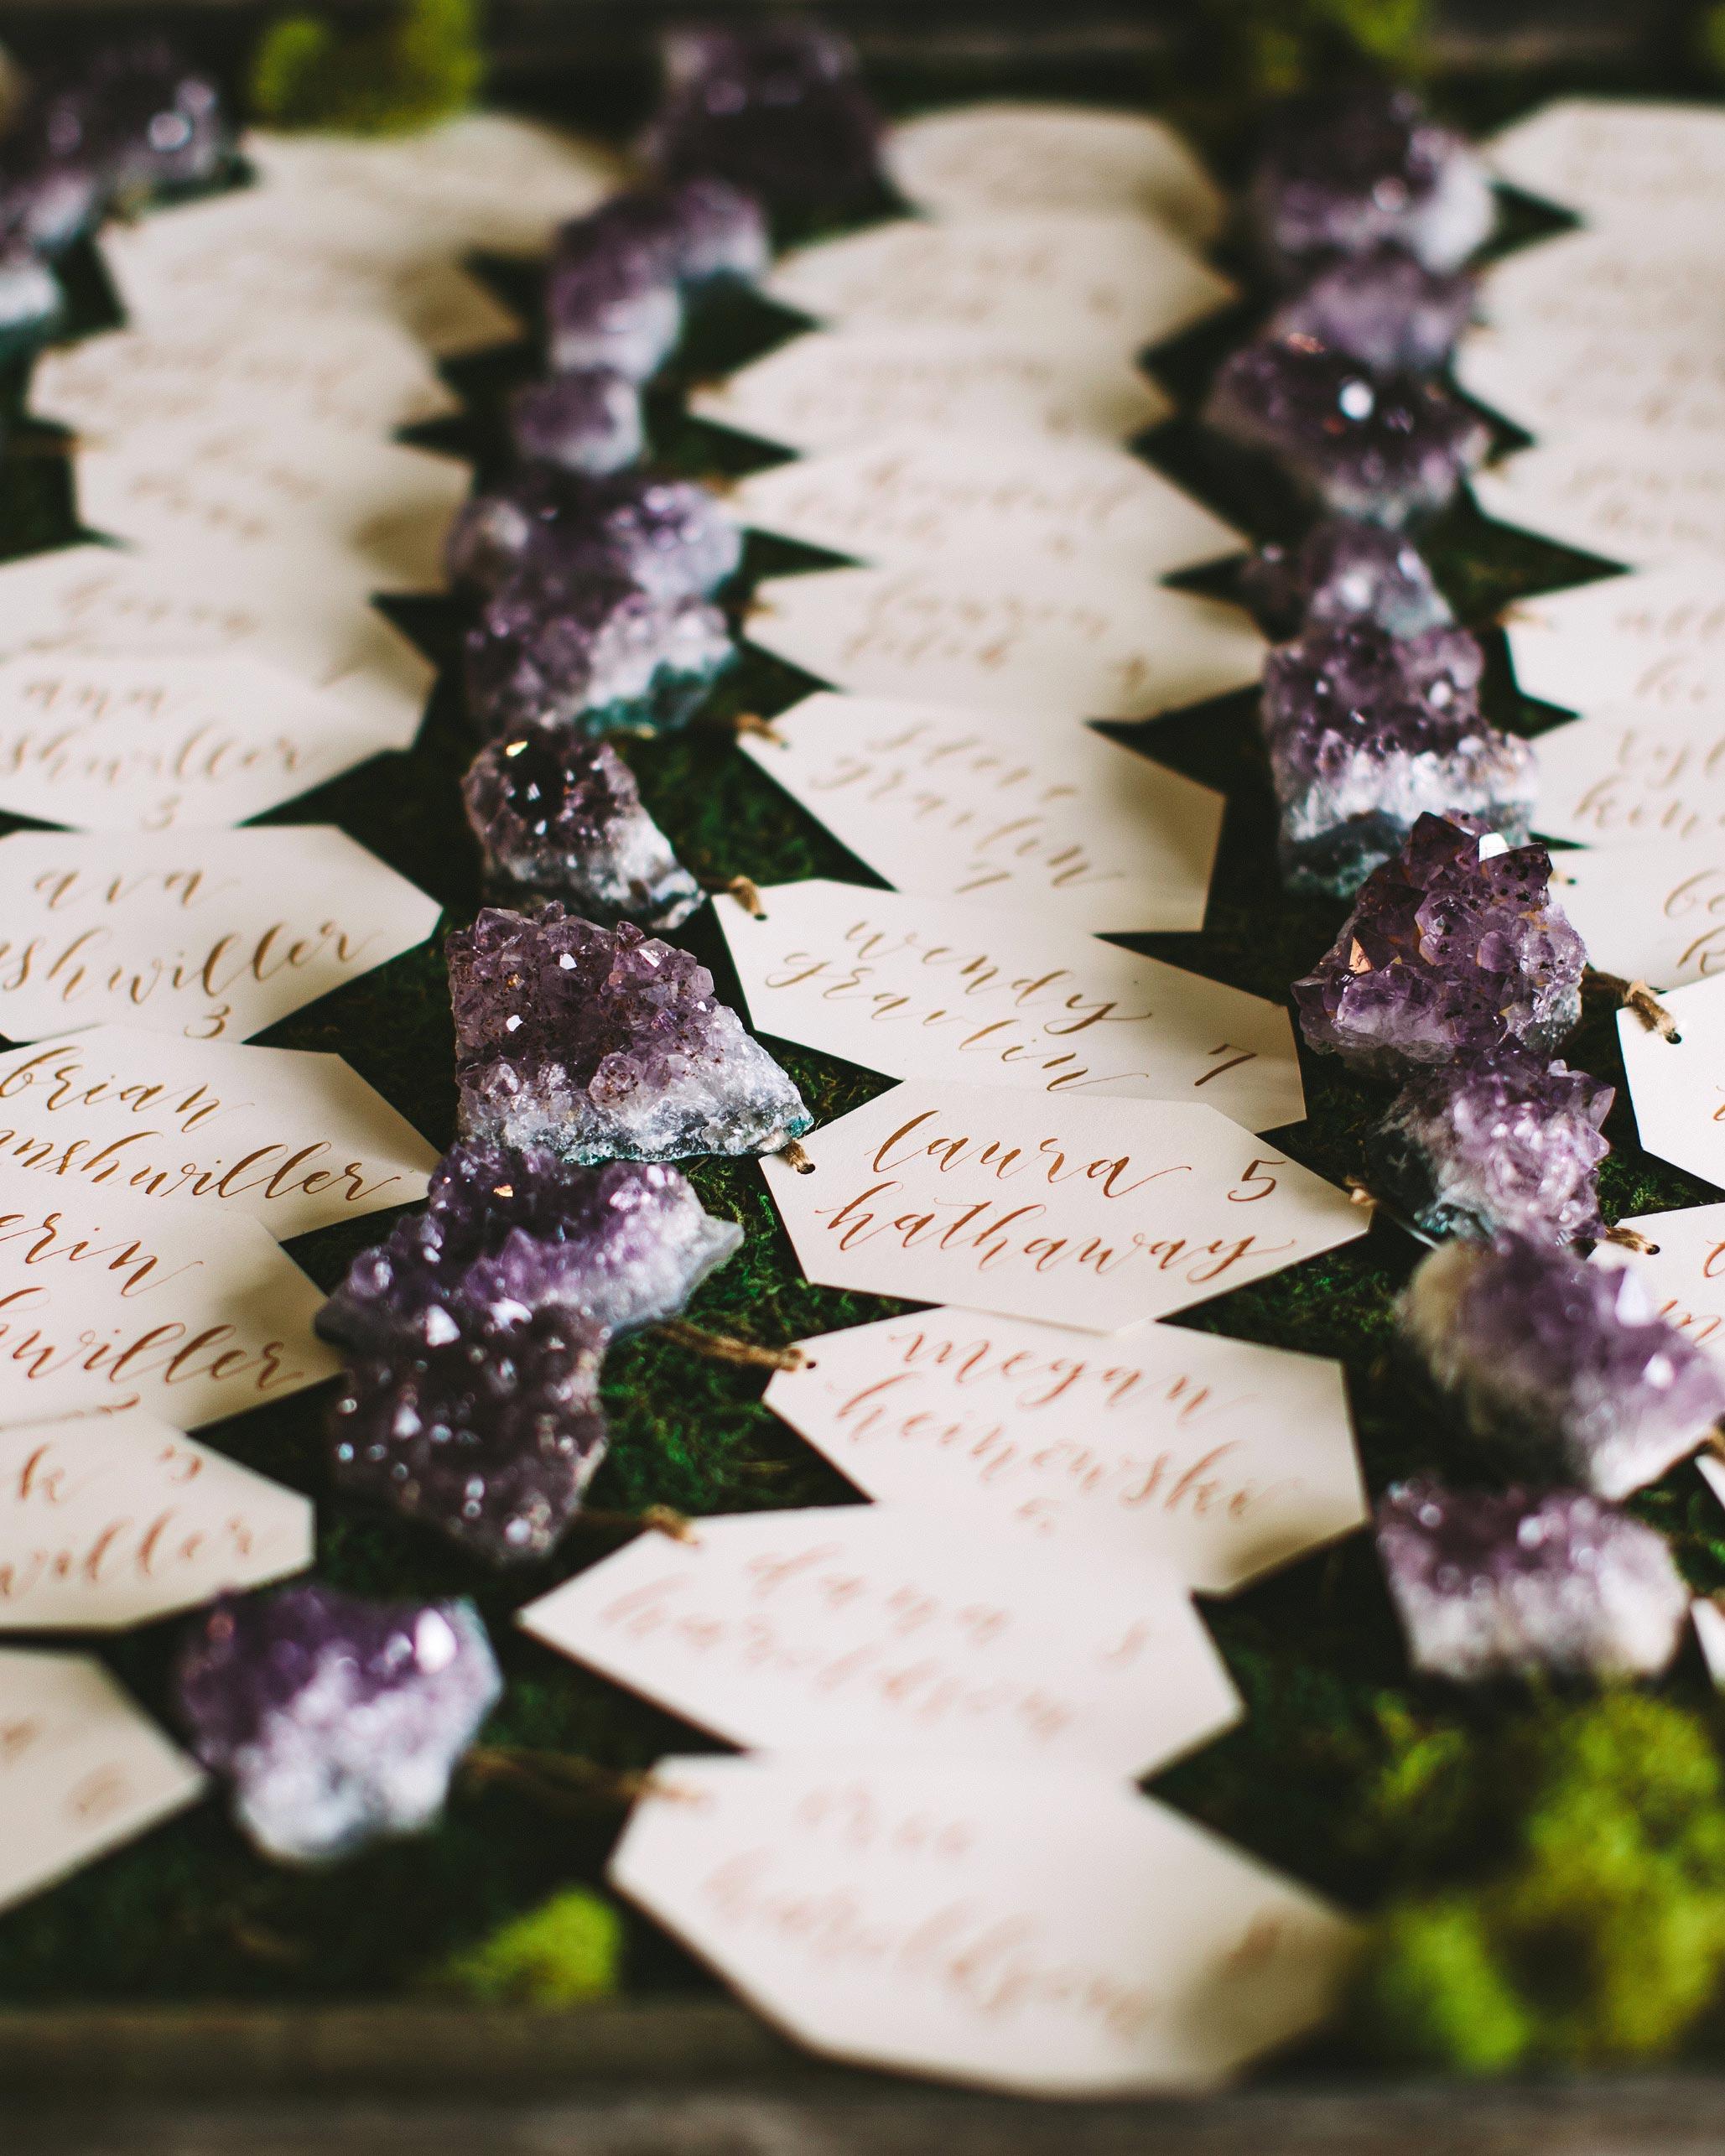 kristen-steve-wedding-escortcards-004-s113058-0616.jpg